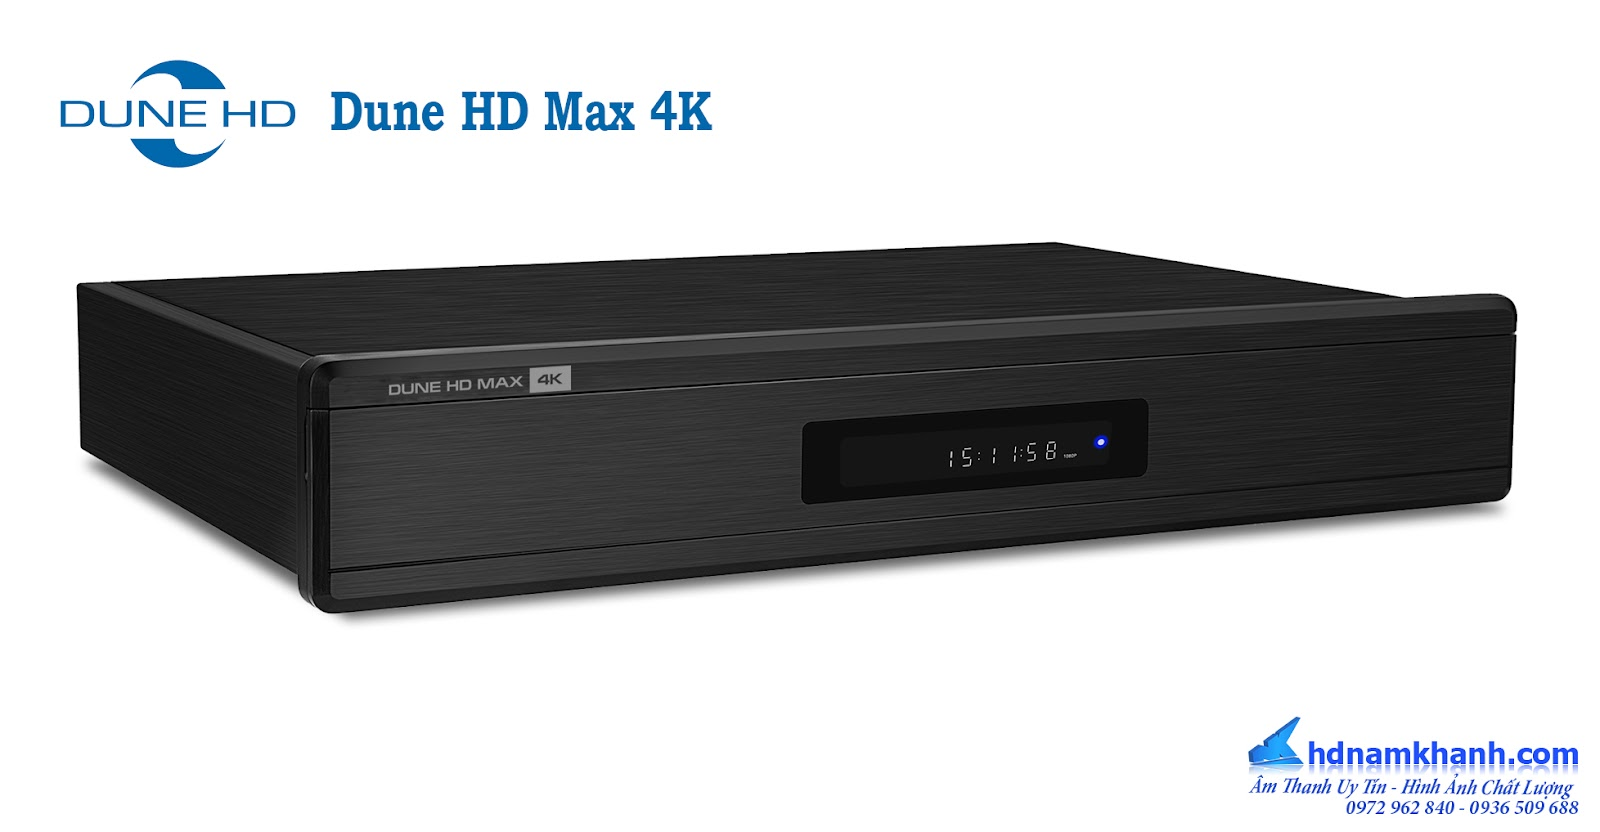 Nơi bán Đầu Dune HD Ultra 4K Chính hãng Giá tốt nhất Hà Nội - 263050